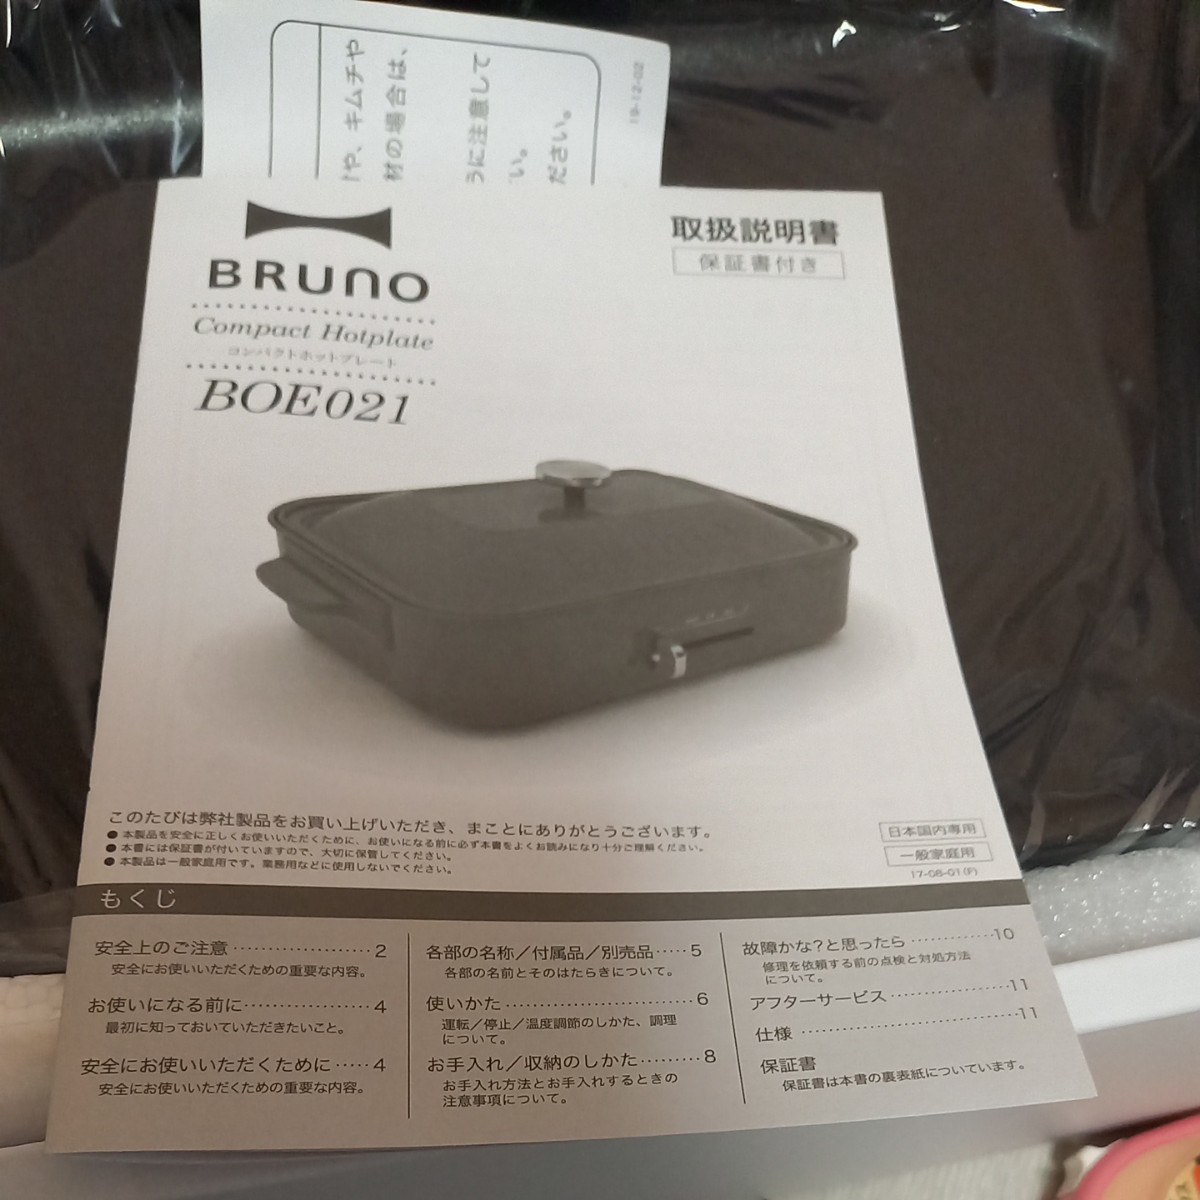 BRUNO ブルーノコンパクトホットプレート ホワイト